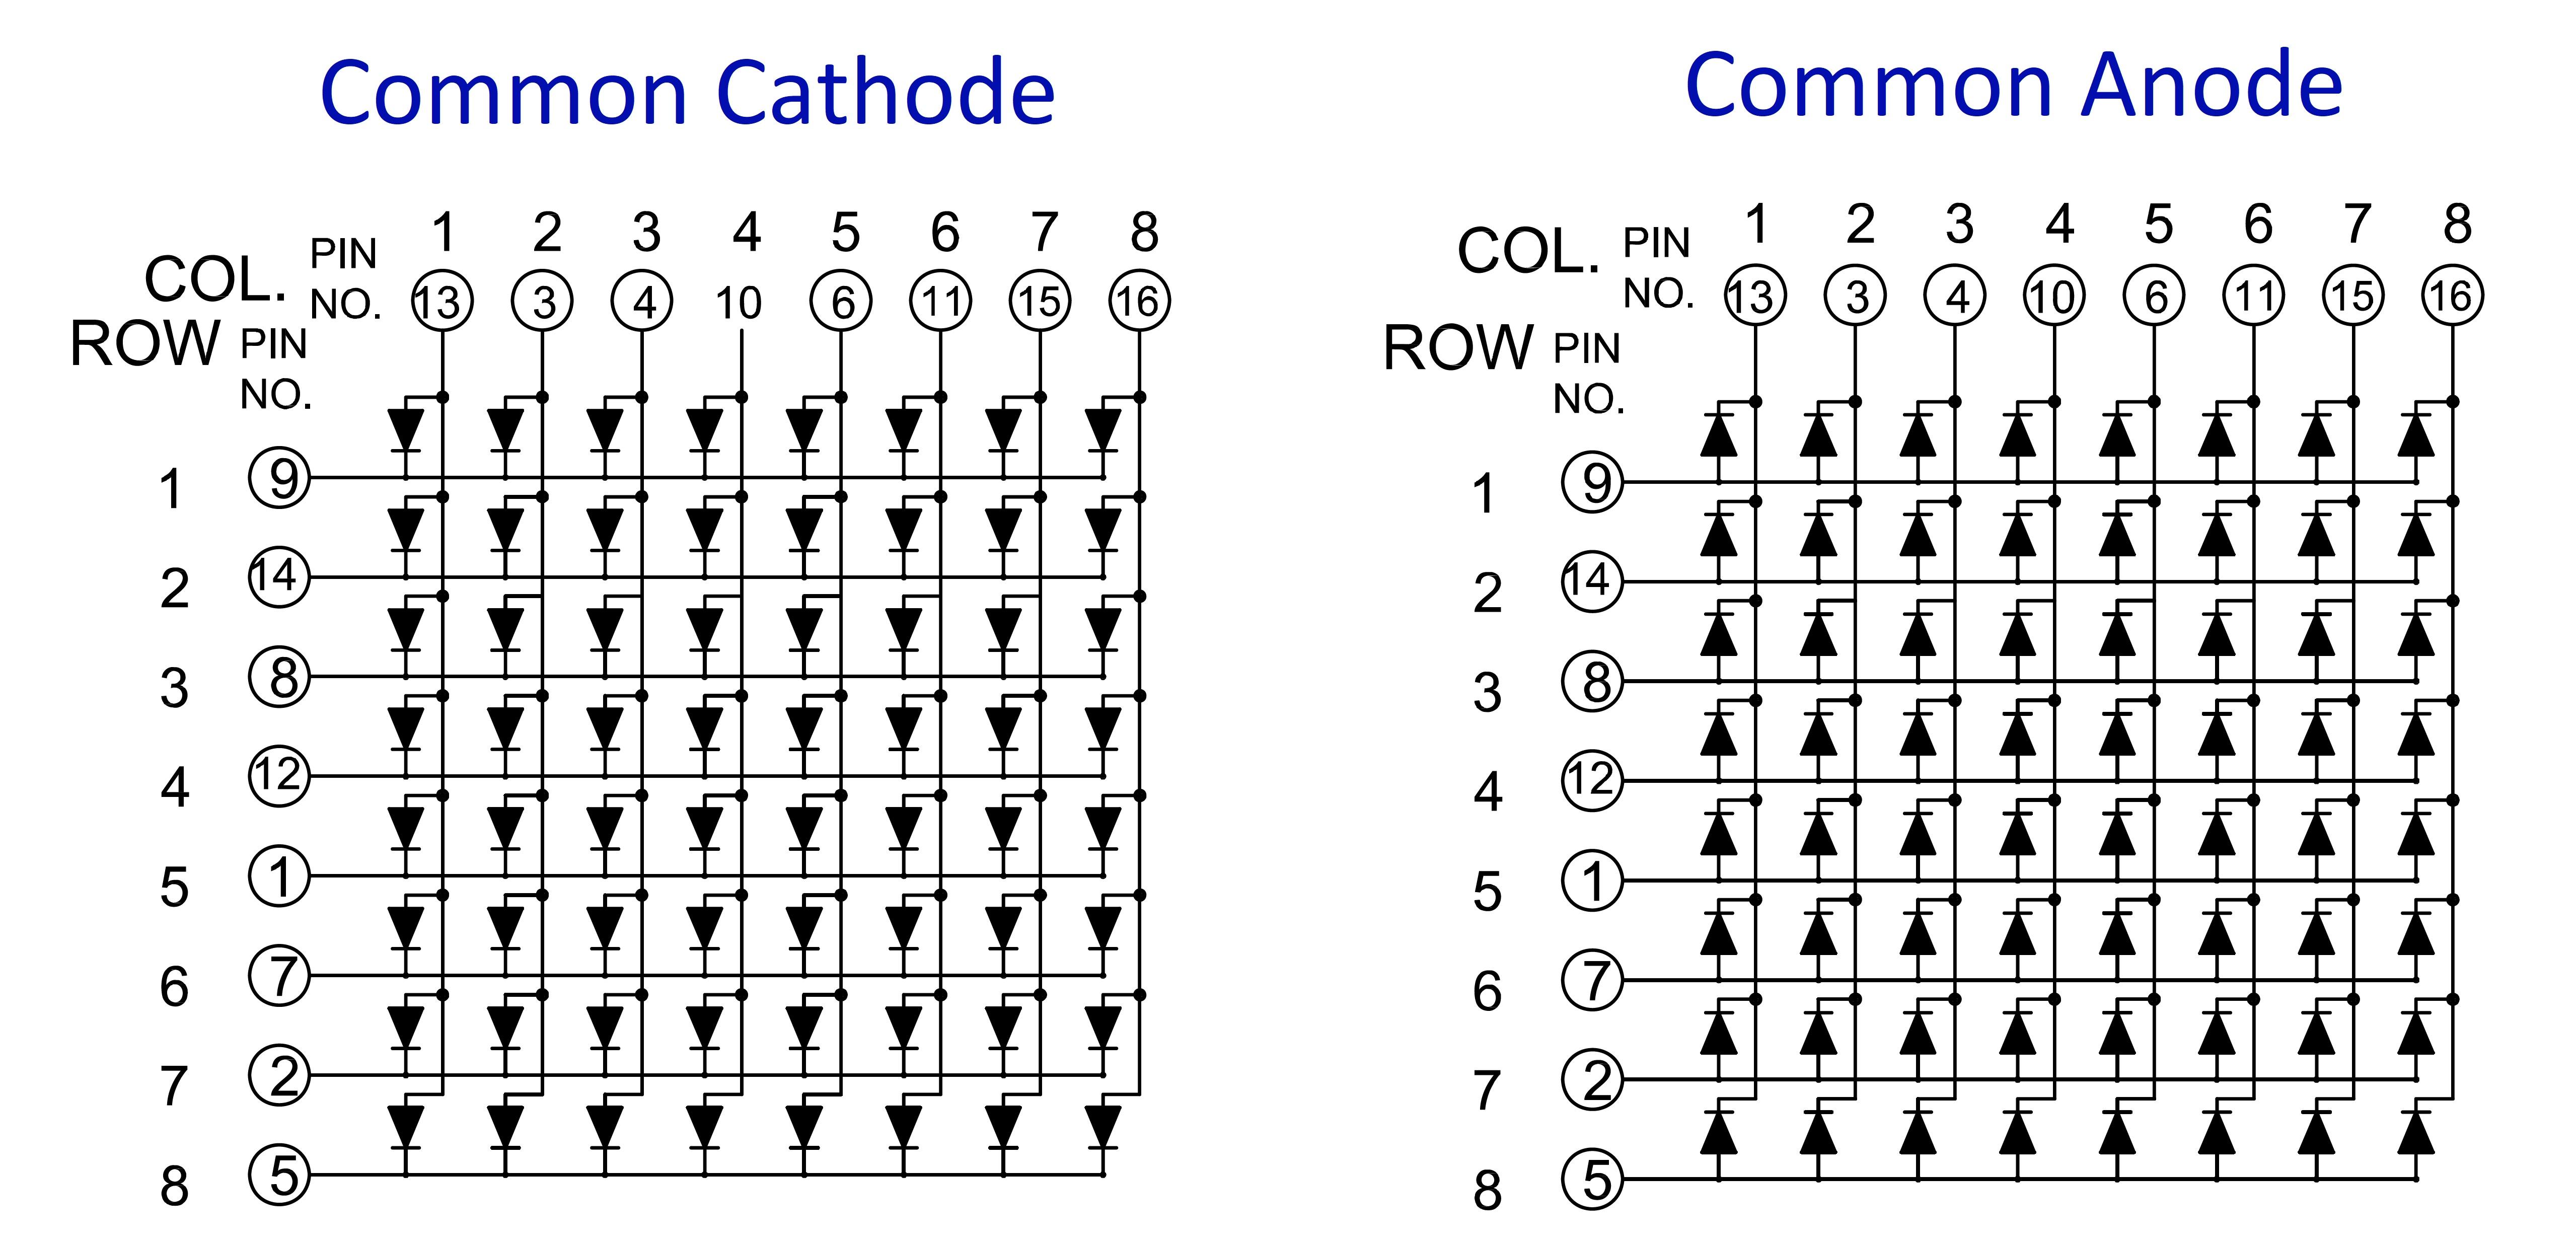 8x8cathode_vs_anode_2019-07-12.jpg